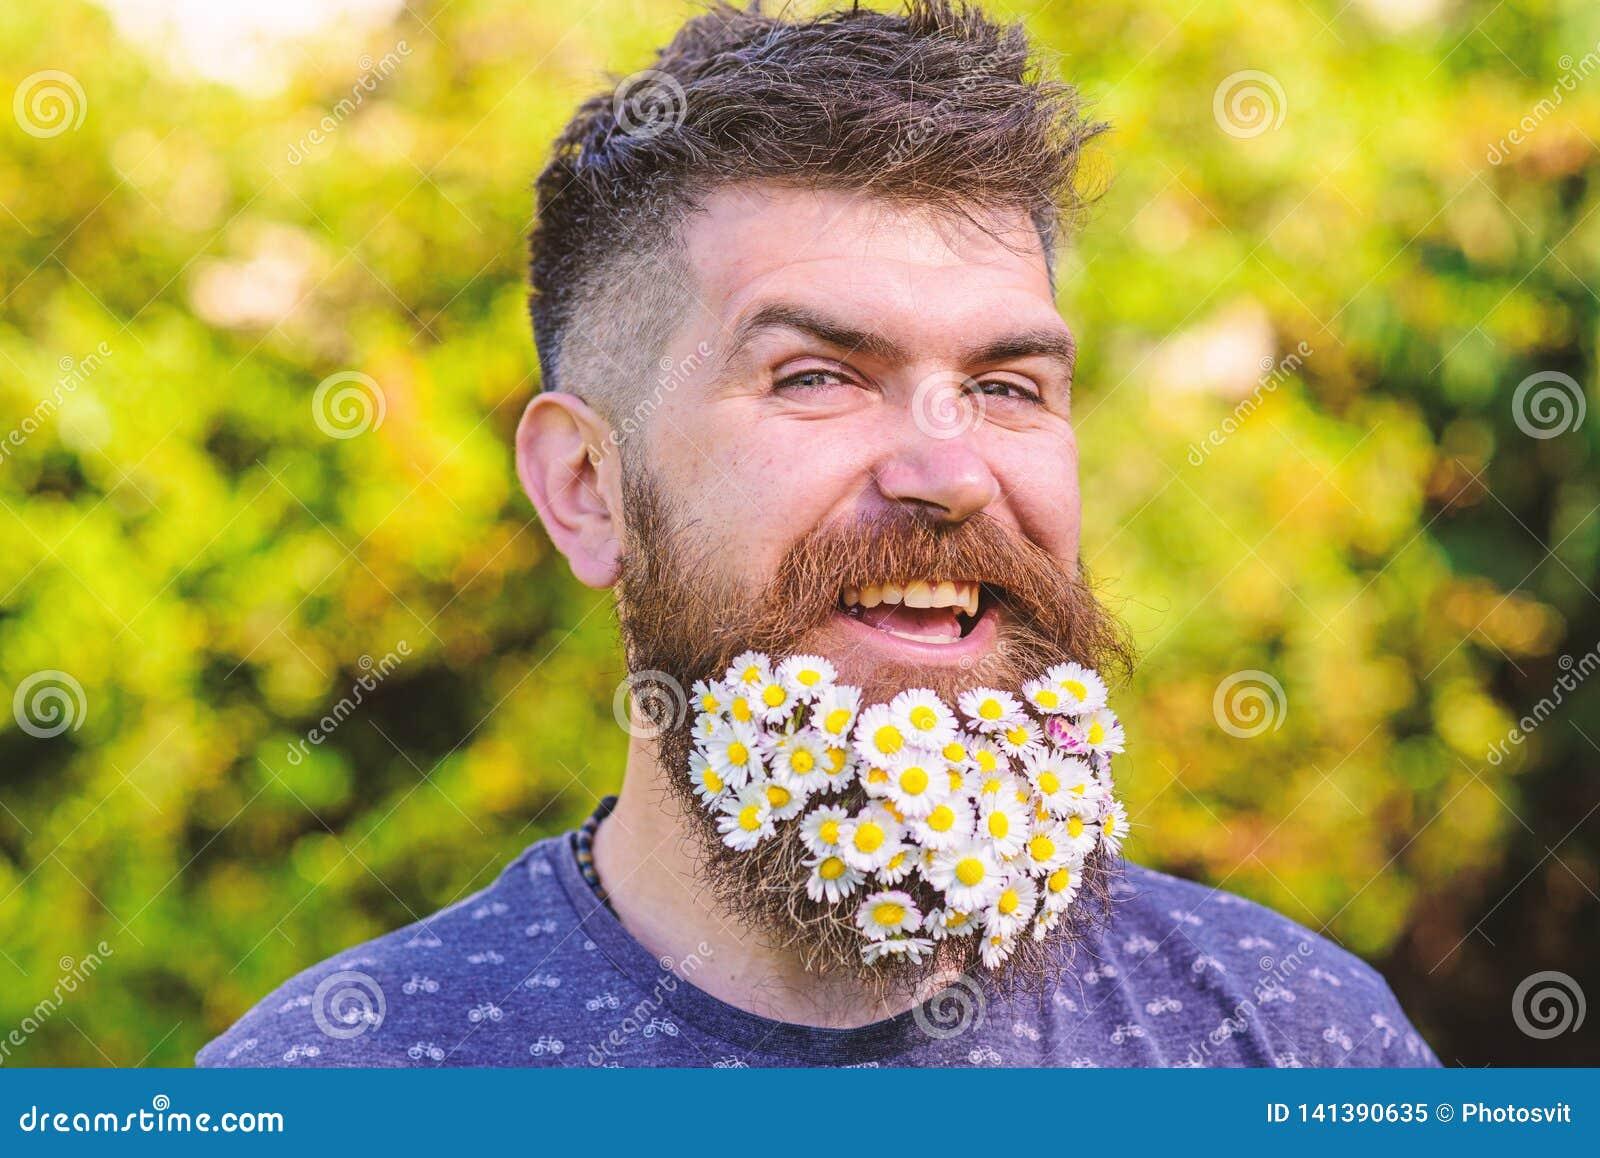 理发师和发型概念 有胡子的在快乐的微笑的面孔,绿色背景的人和髭, defocused 博若莱红葡萄酒